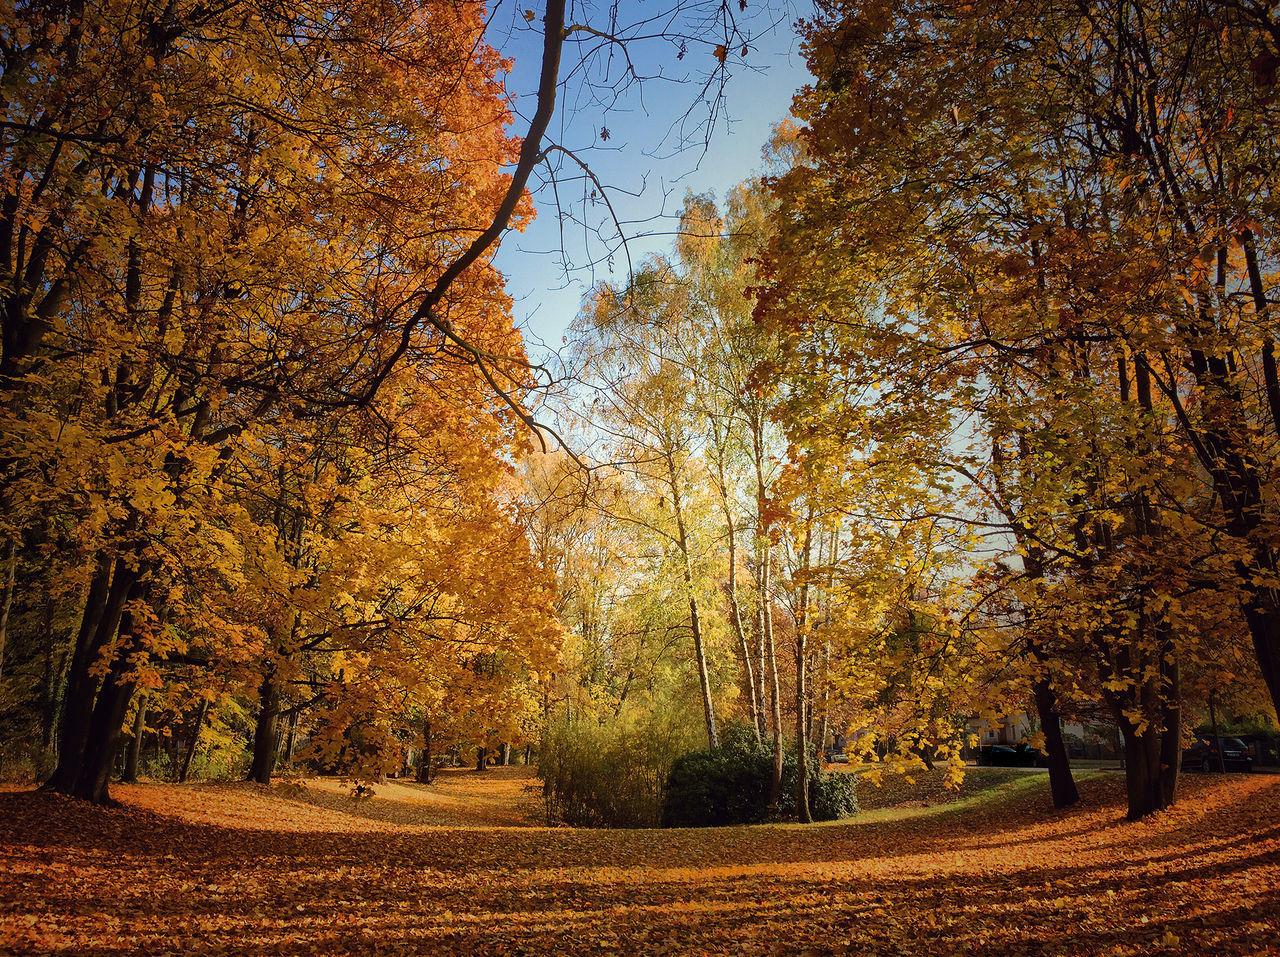 Herbst Herbst In Seinen Schönsten Farben Herbst, Laub, Herbstlaub, Herbstfarben, Herbstleuchten, Herbstspaziergang, Herbstlaub Herbstmelancholie Herbstsonne Herbststimmung Spaziergang Durch Den Herbst.